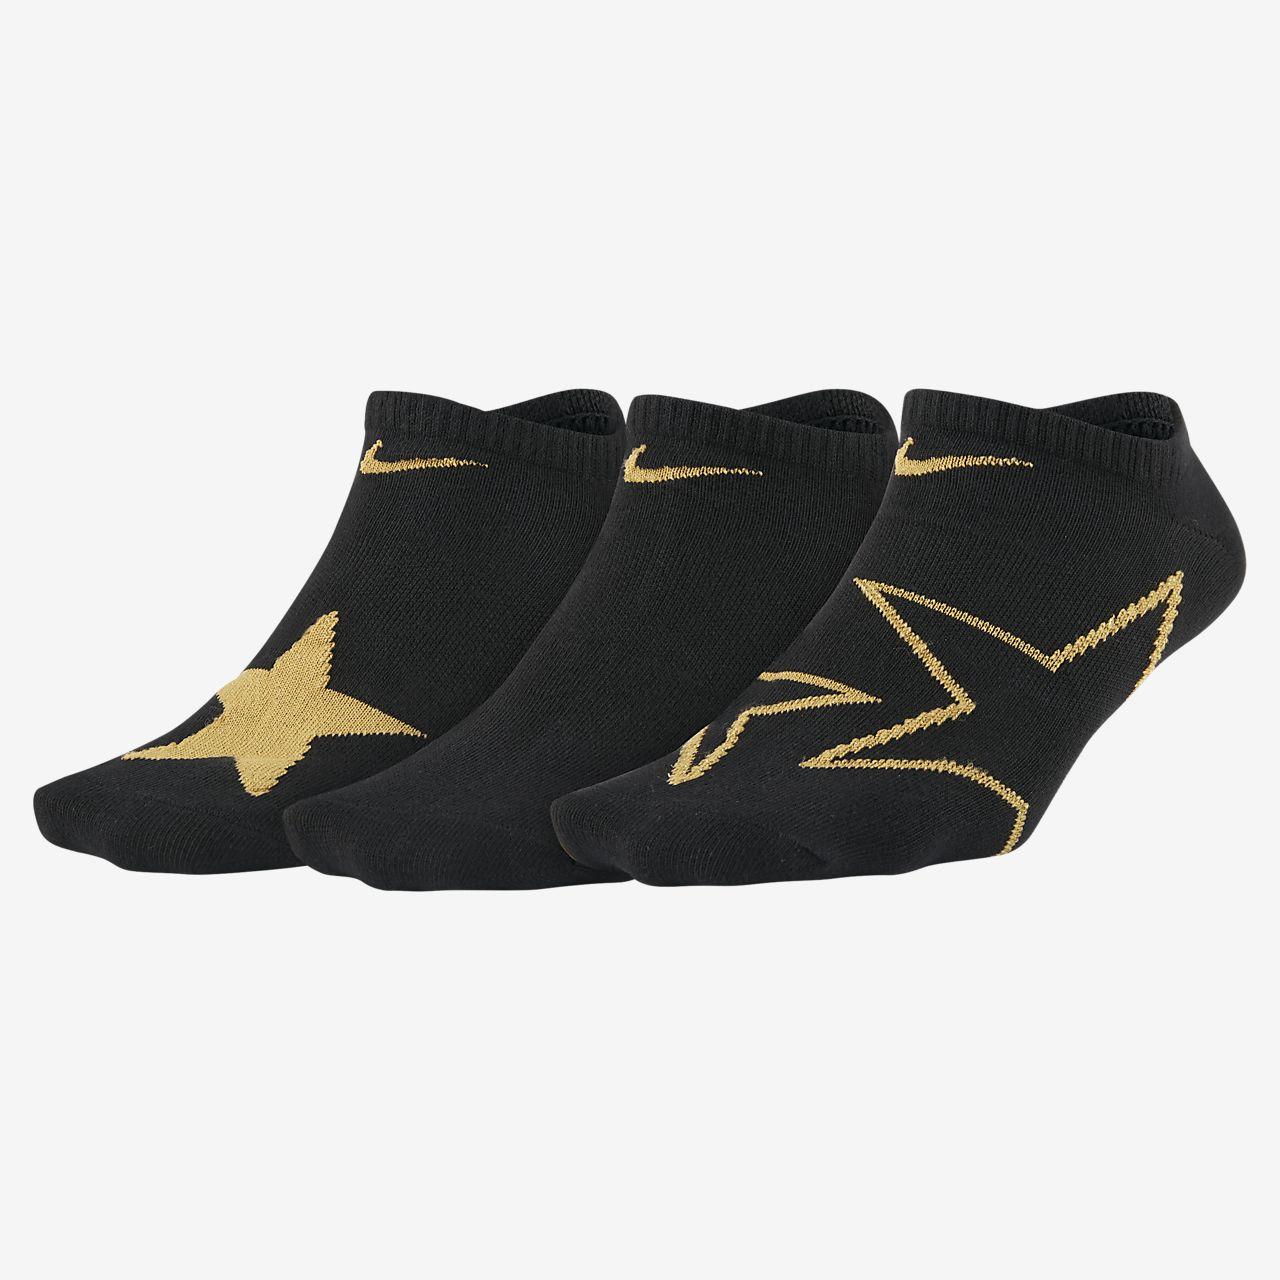 Короткие носки с графикой для школьников Nike Everyday (3 пары)